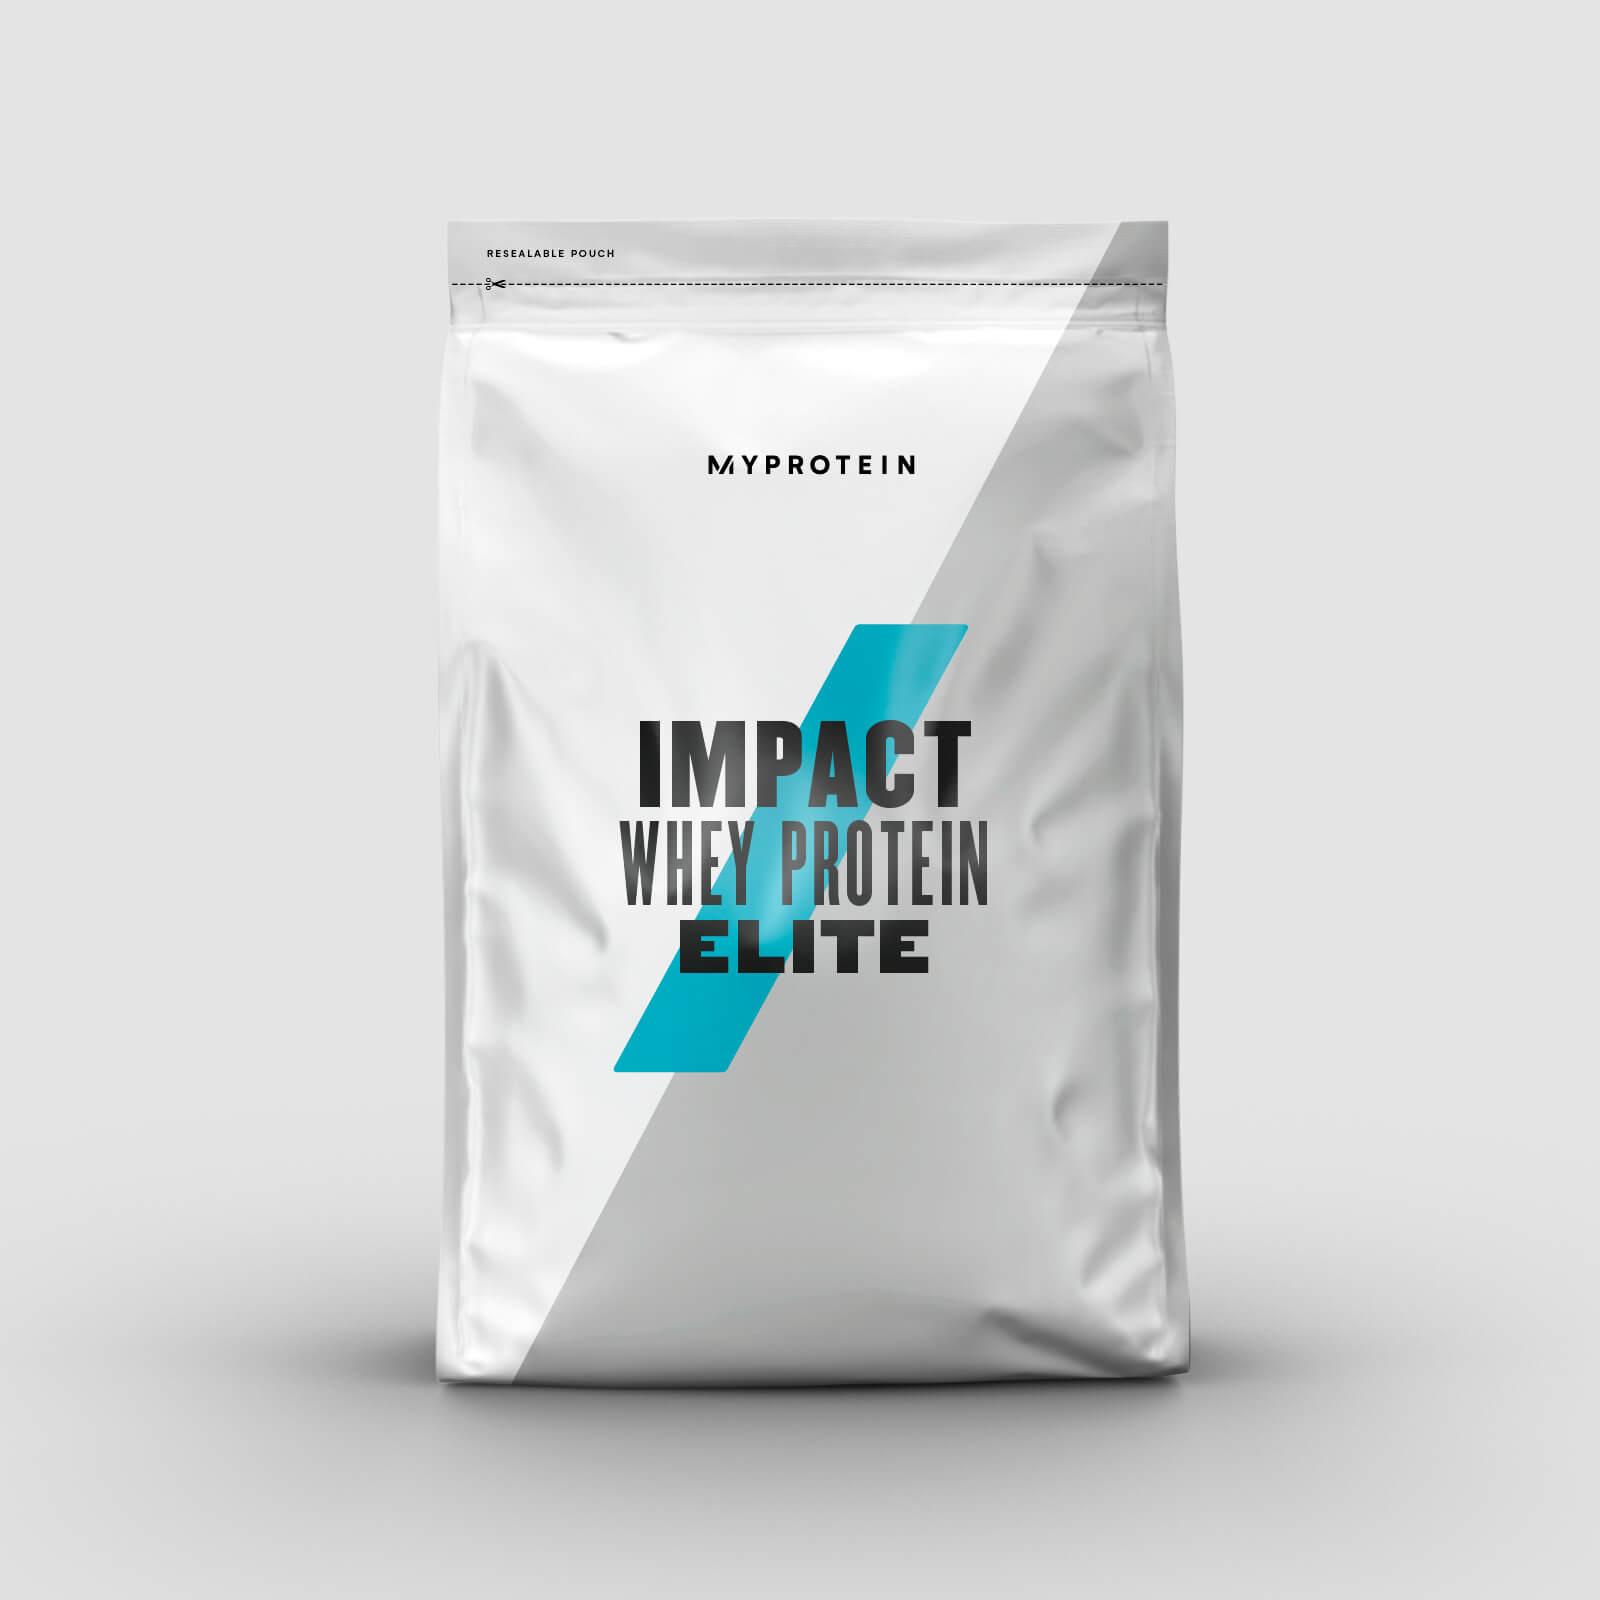 """Impact Whey Protein Elite 2.5 Kg """"Vanilla"""" für 18,38€ ink. Versand oder Creatin Monohydrat 1KG für 8,39€"""